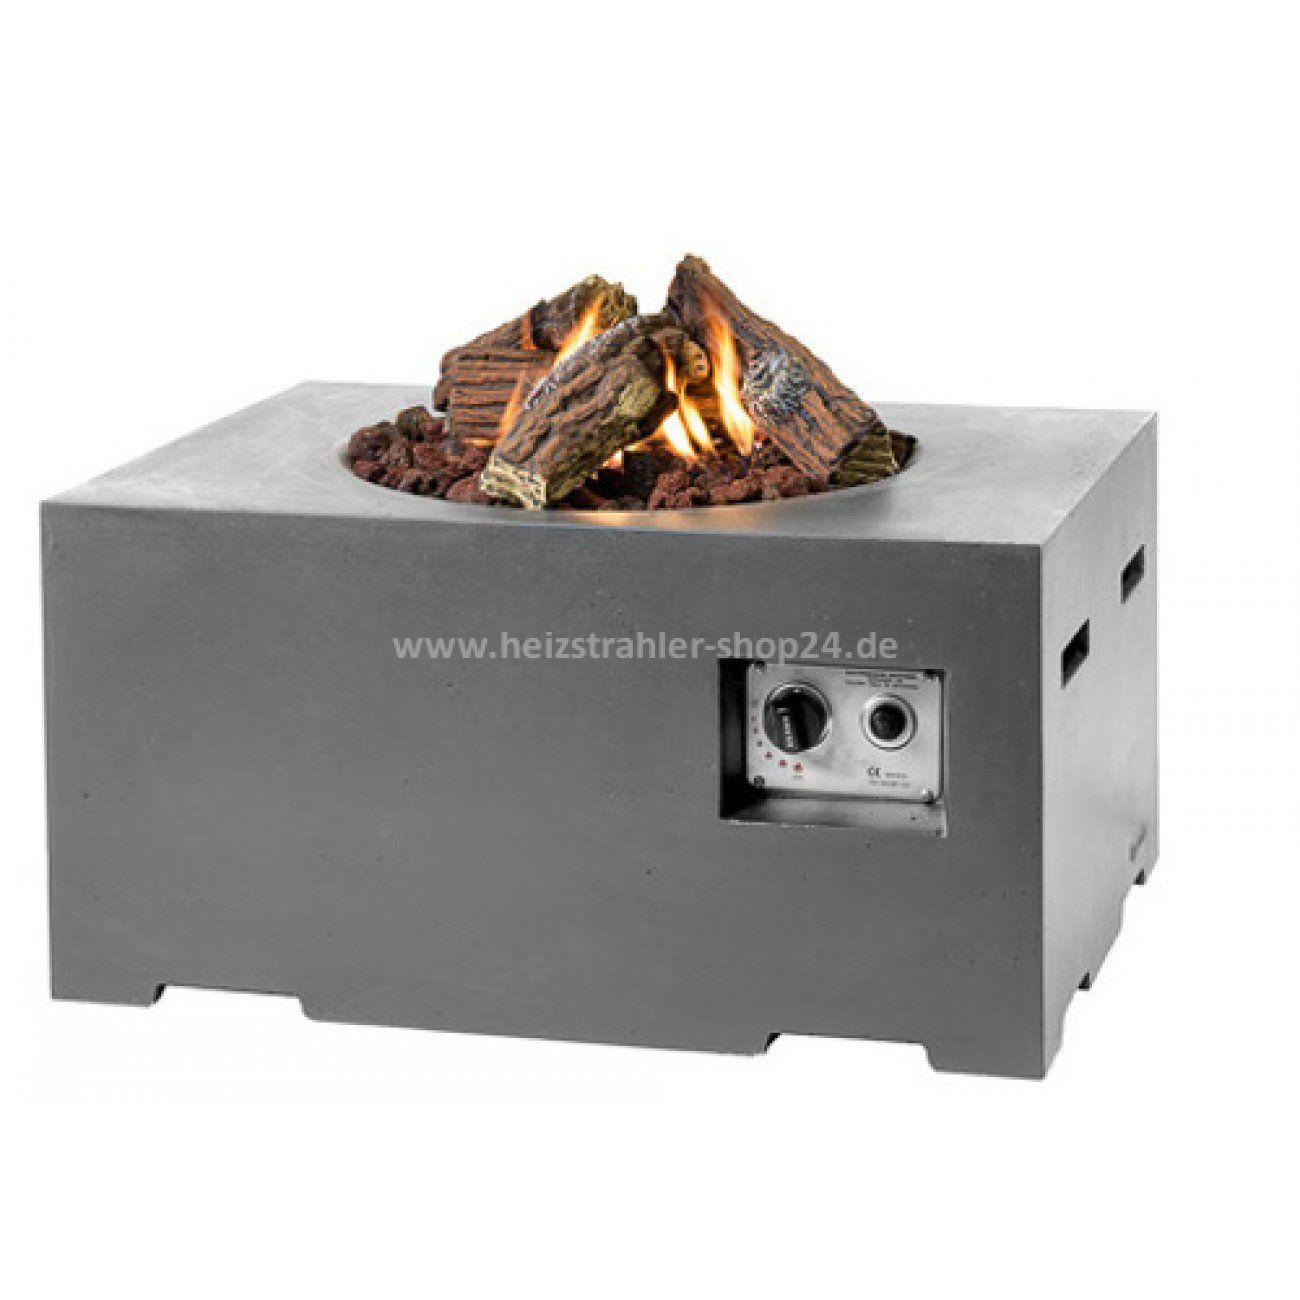 Feuertisch Rechteckig Von Happy Cocooning Feuertisch Feuerstelle Feuer